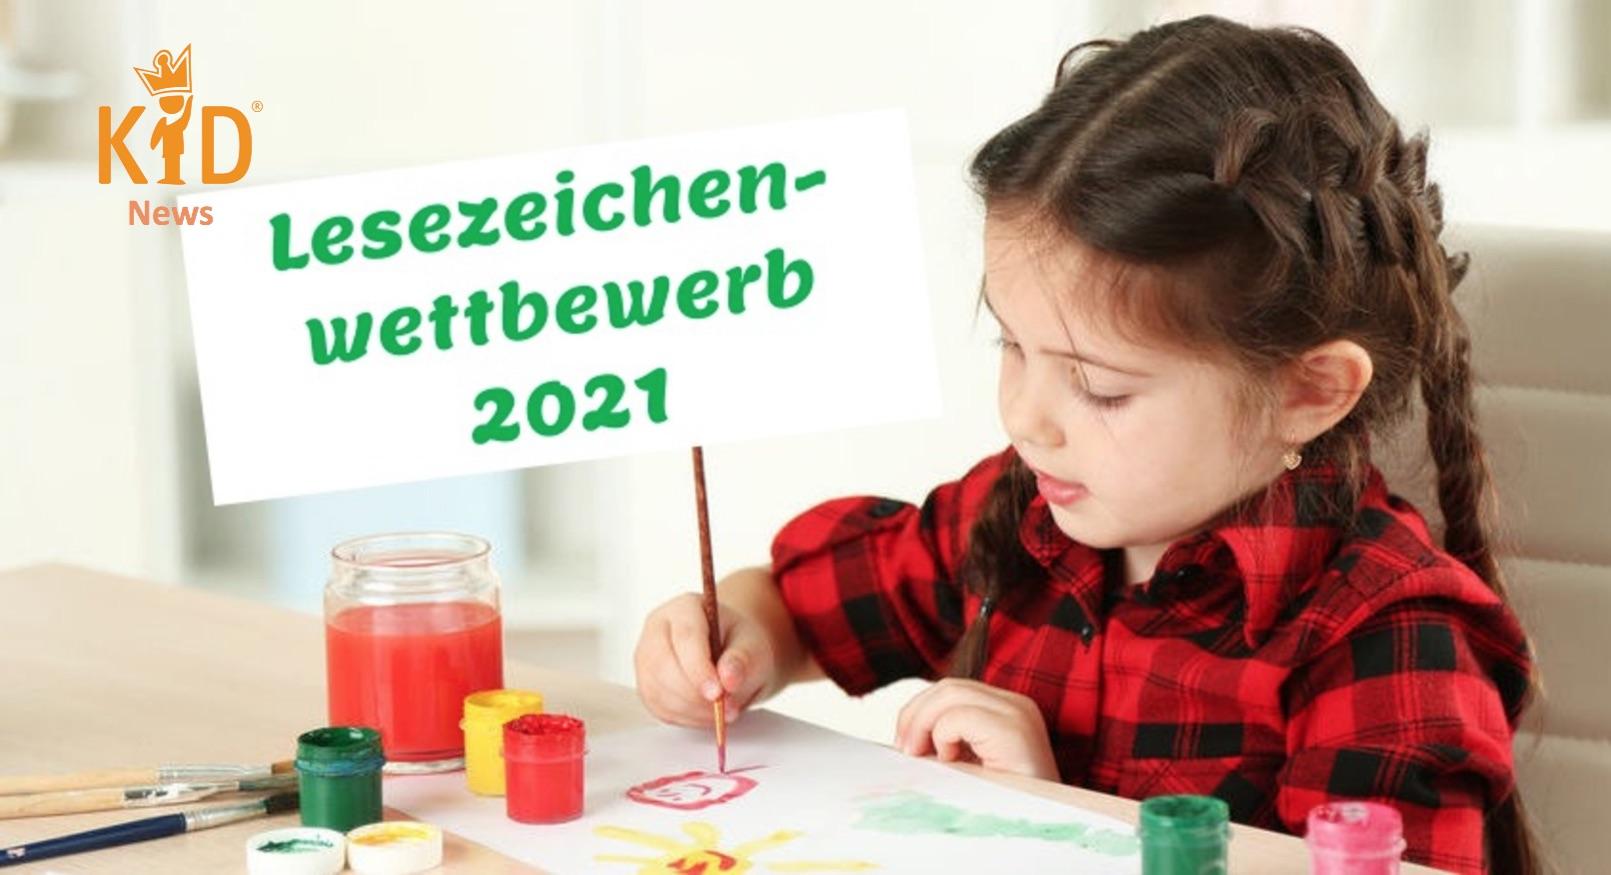 Lesezeichenwettbewerb 2021